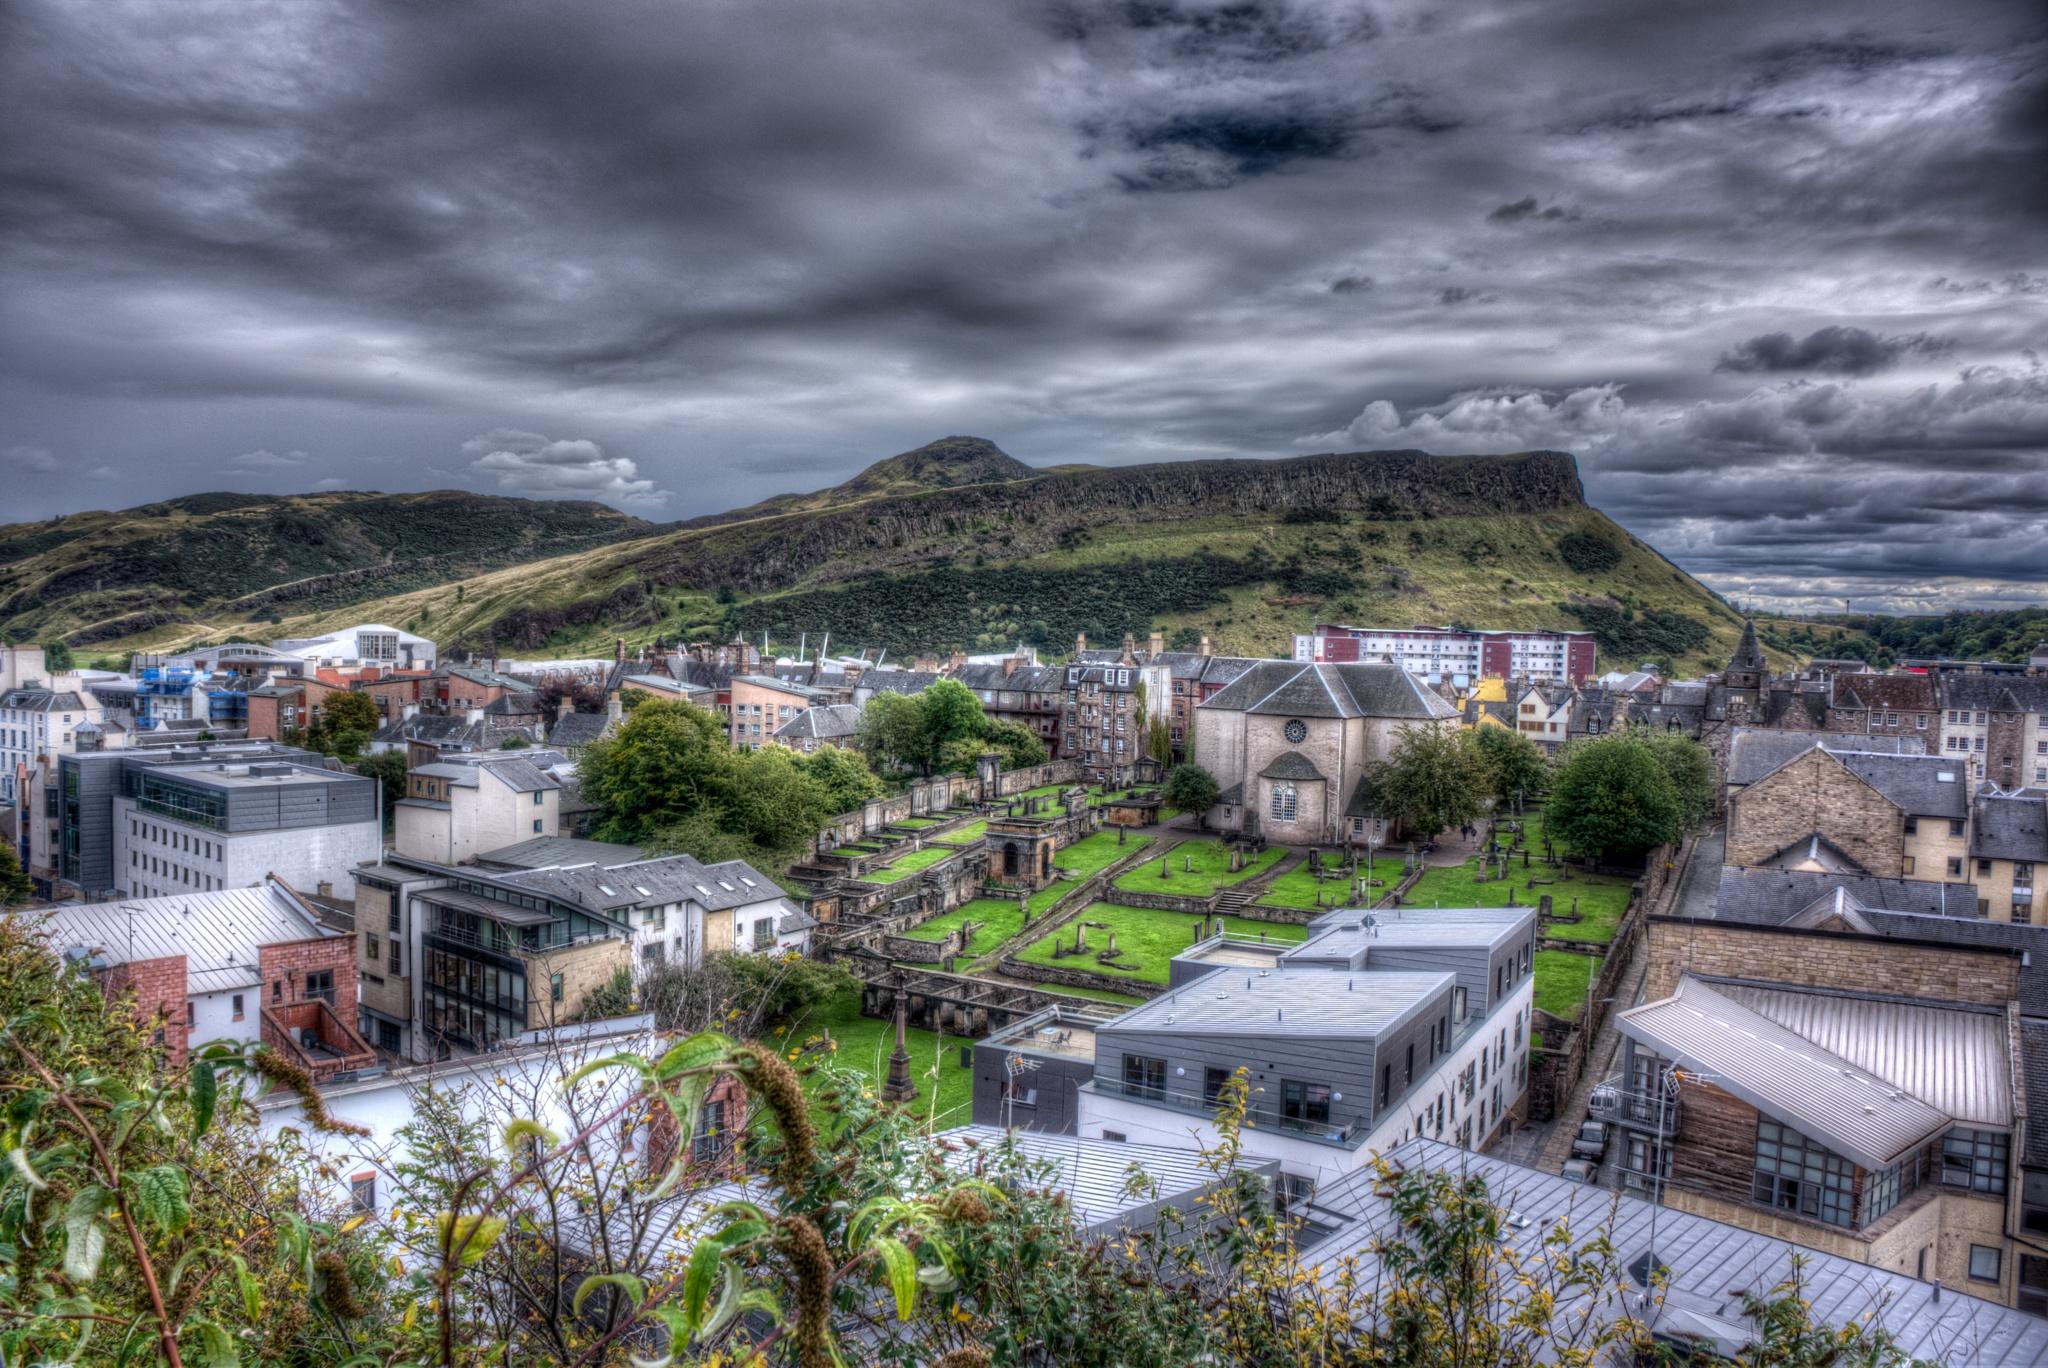 Arthur Seat, Edinburgh by lawson mcculloch